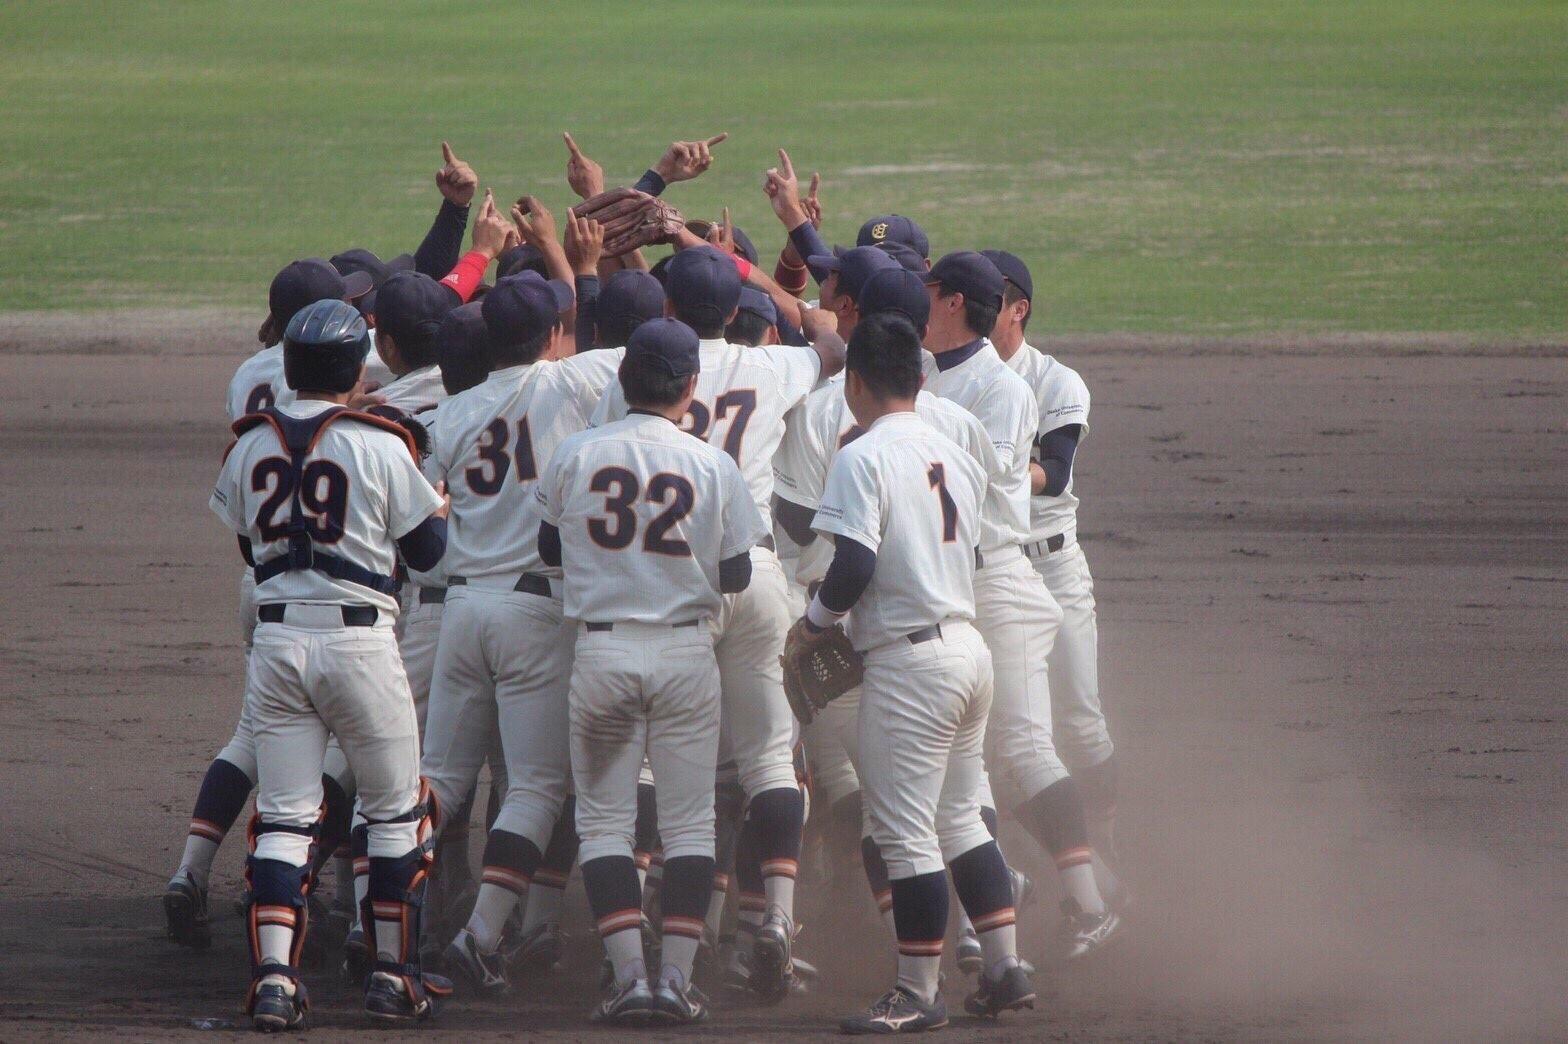 天理大学硬式野球部 - tenriubbc.la.coocan.jp